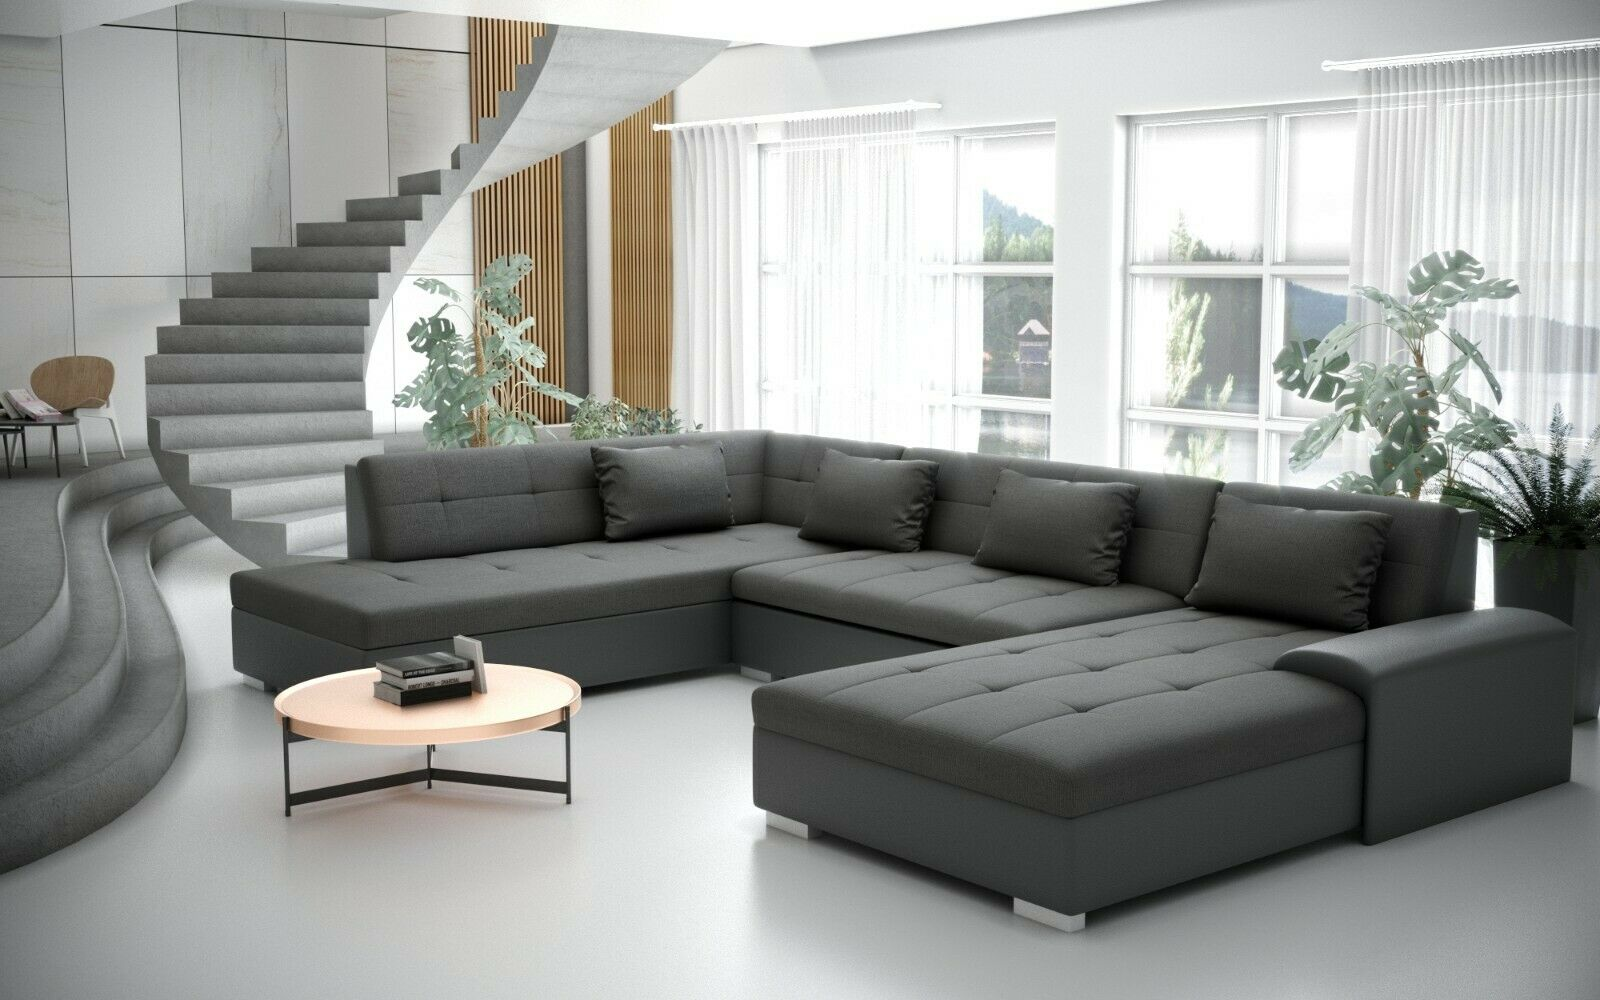 Garnitur Schlaffunktion Ecksofa Couch Wohnlandschaft Liberto Sofa Sofagarnitur k0wnPO